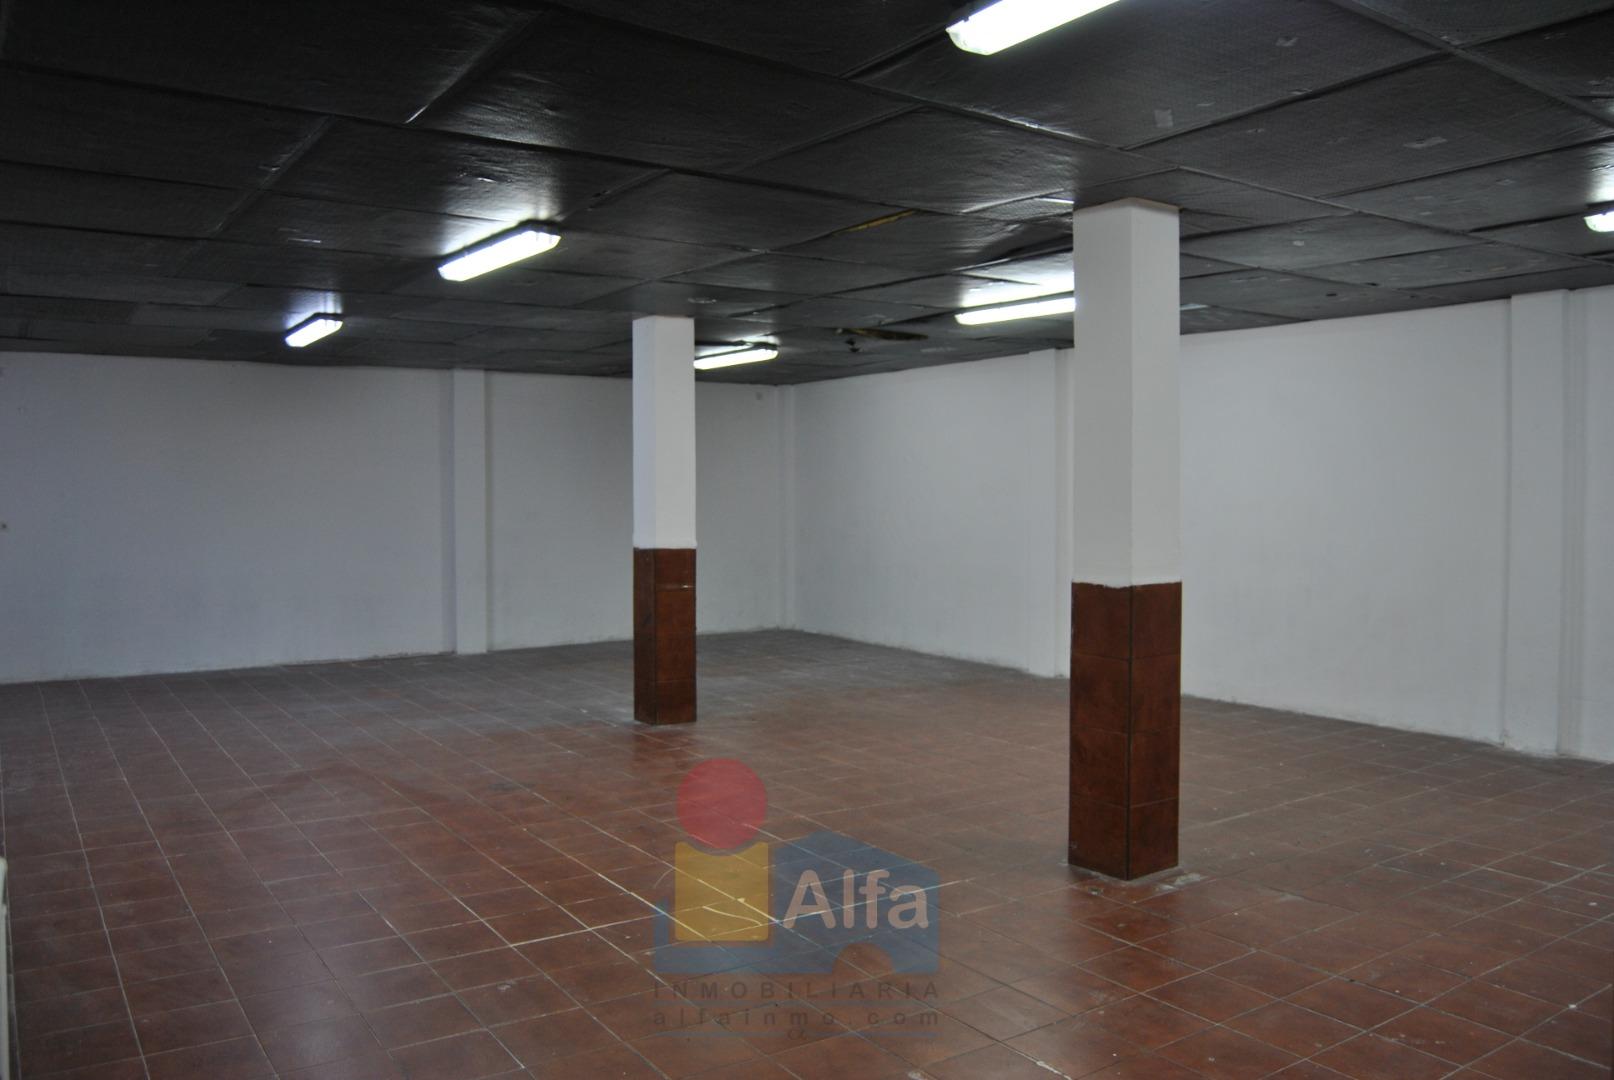 Local commercial  Massanassa. Local en massanassa, de 170 m2 y con acceso de vehículos.